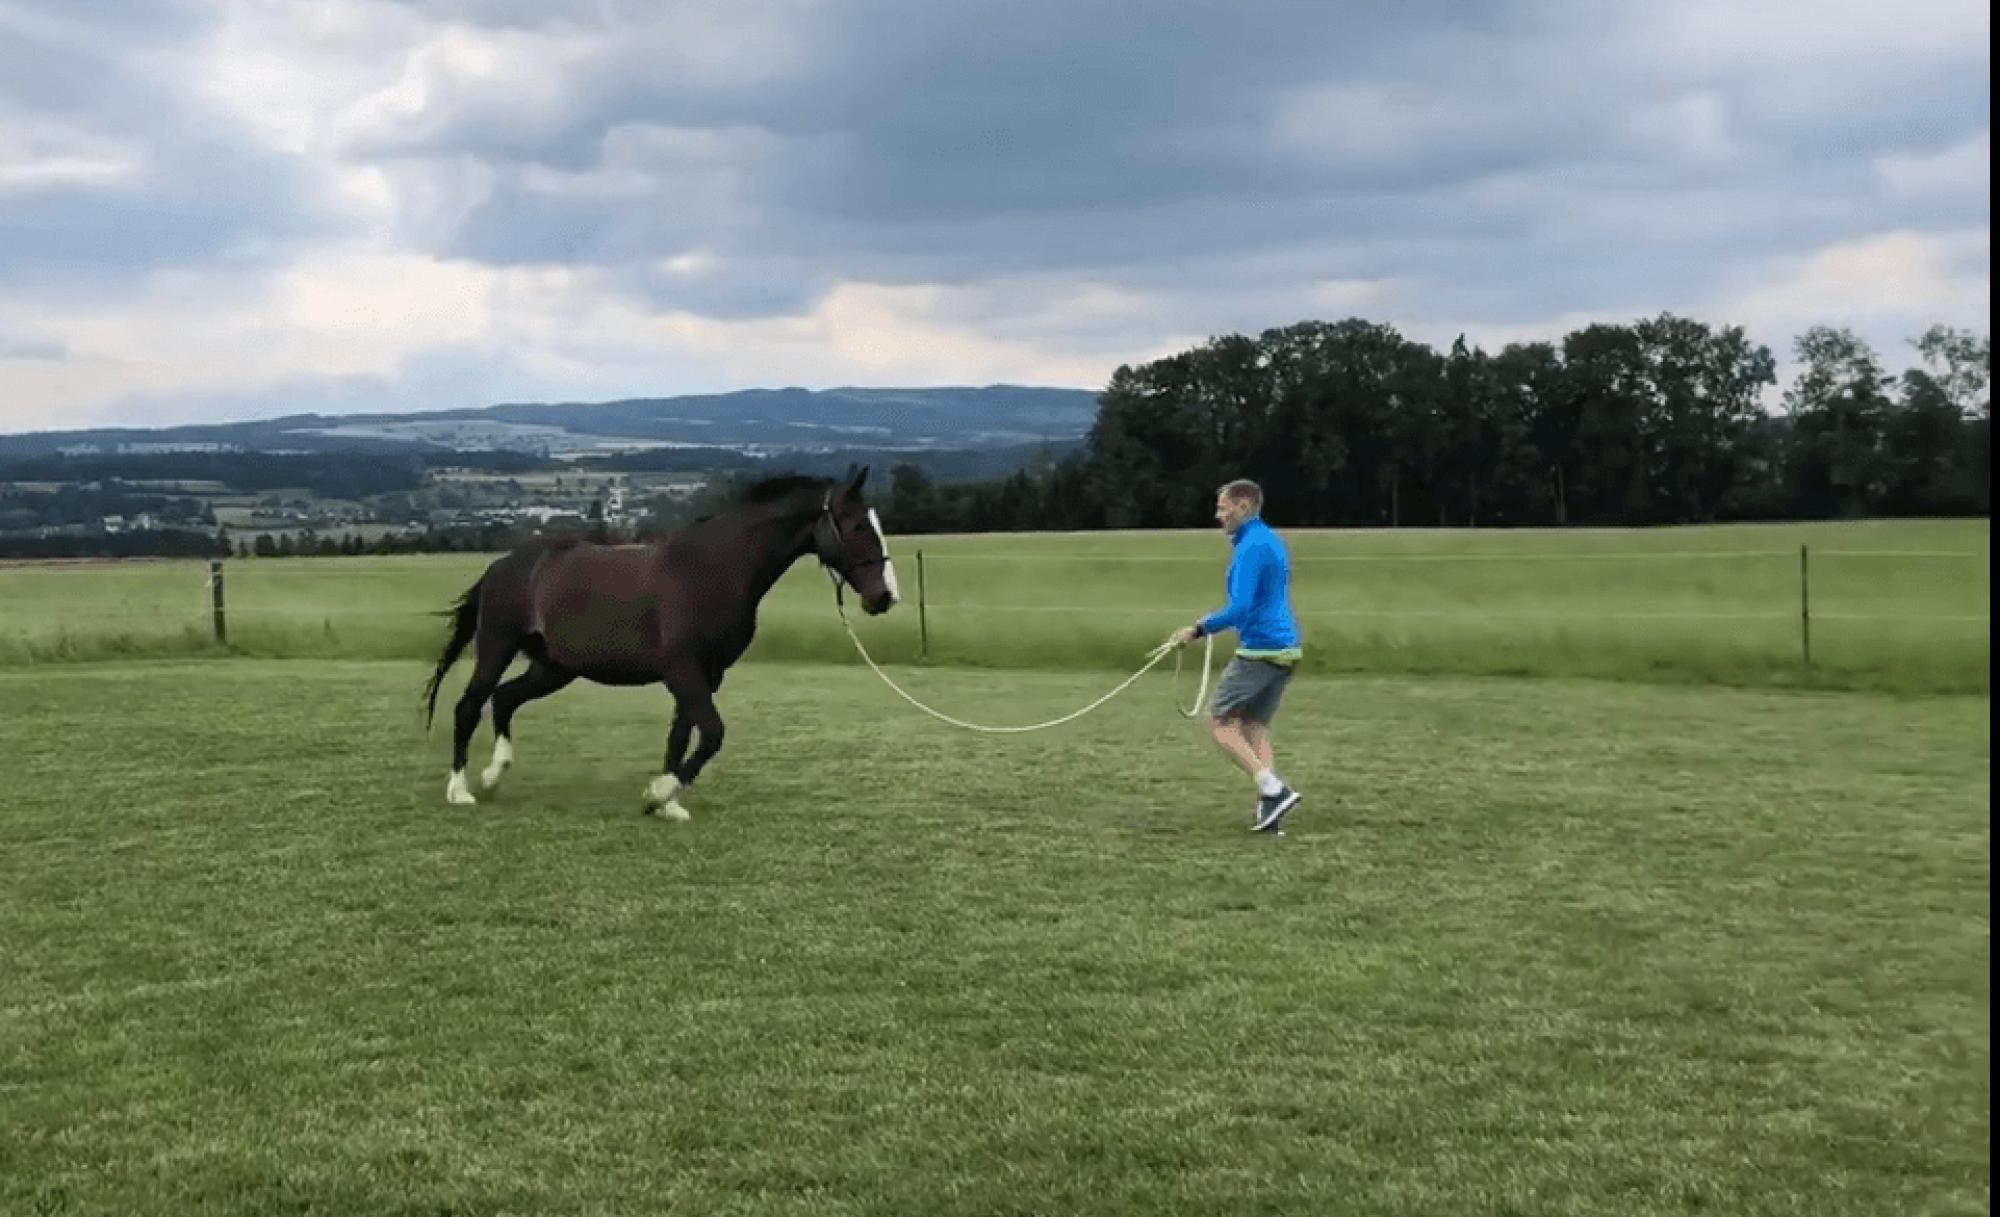 Der mit dem Pferd tanzt